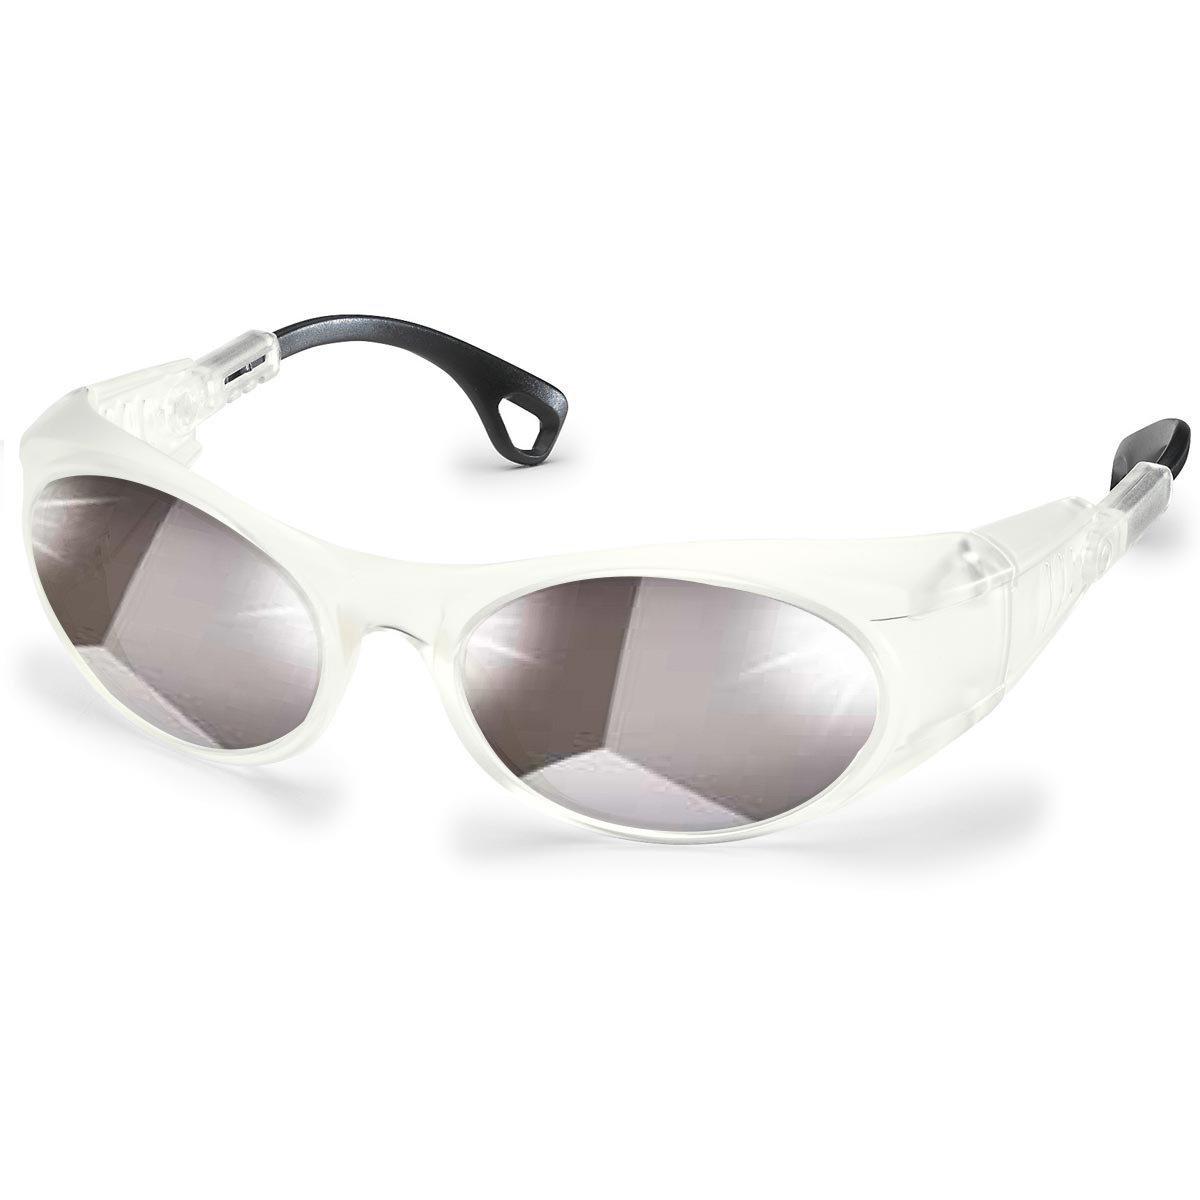 Uvex Korrektionsschutzbrille RX cd 5505 matt - Selbsttönend